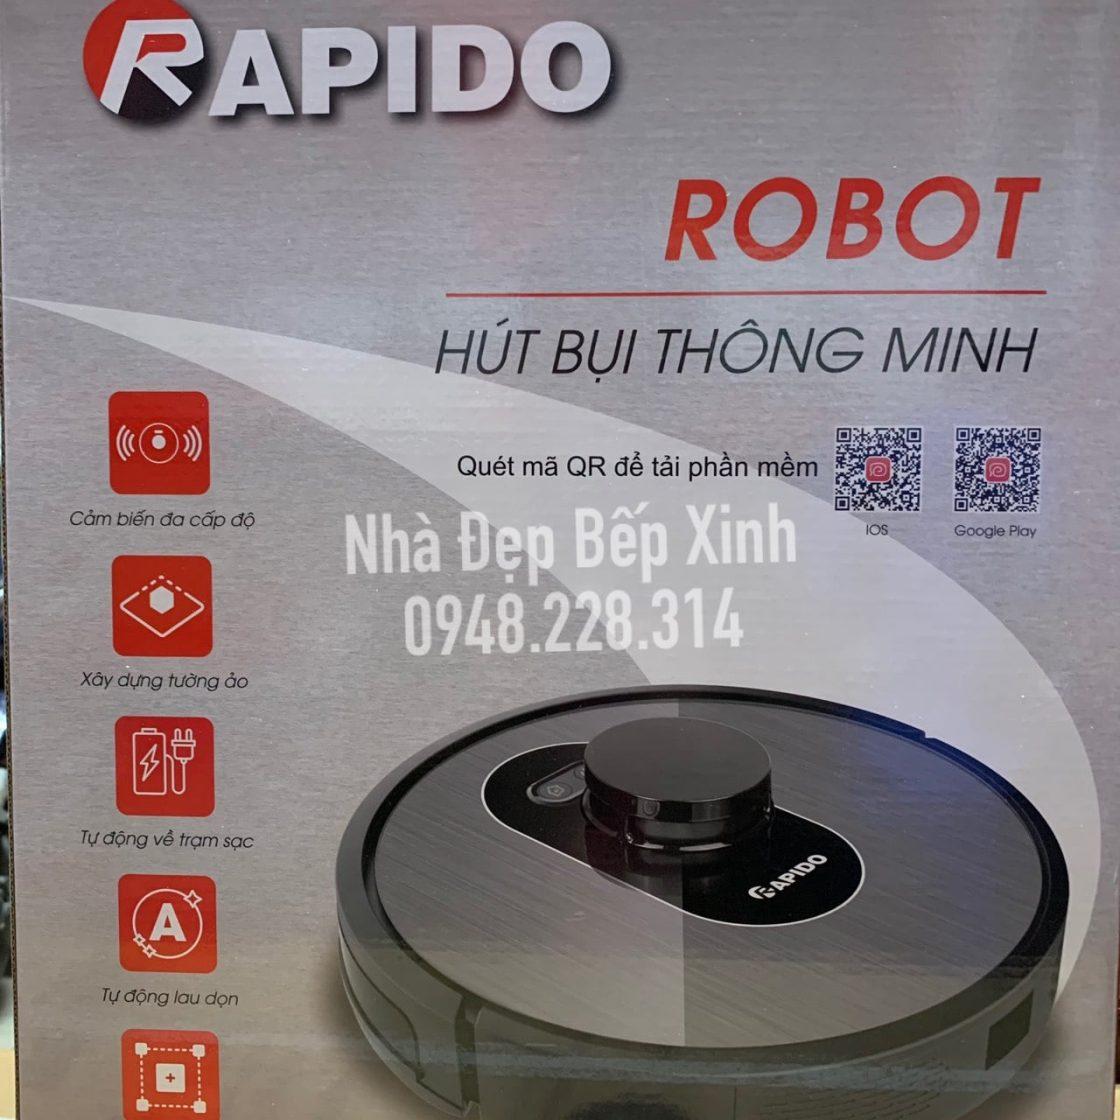 Robot hút bụi và lau nhà Rapido R6S